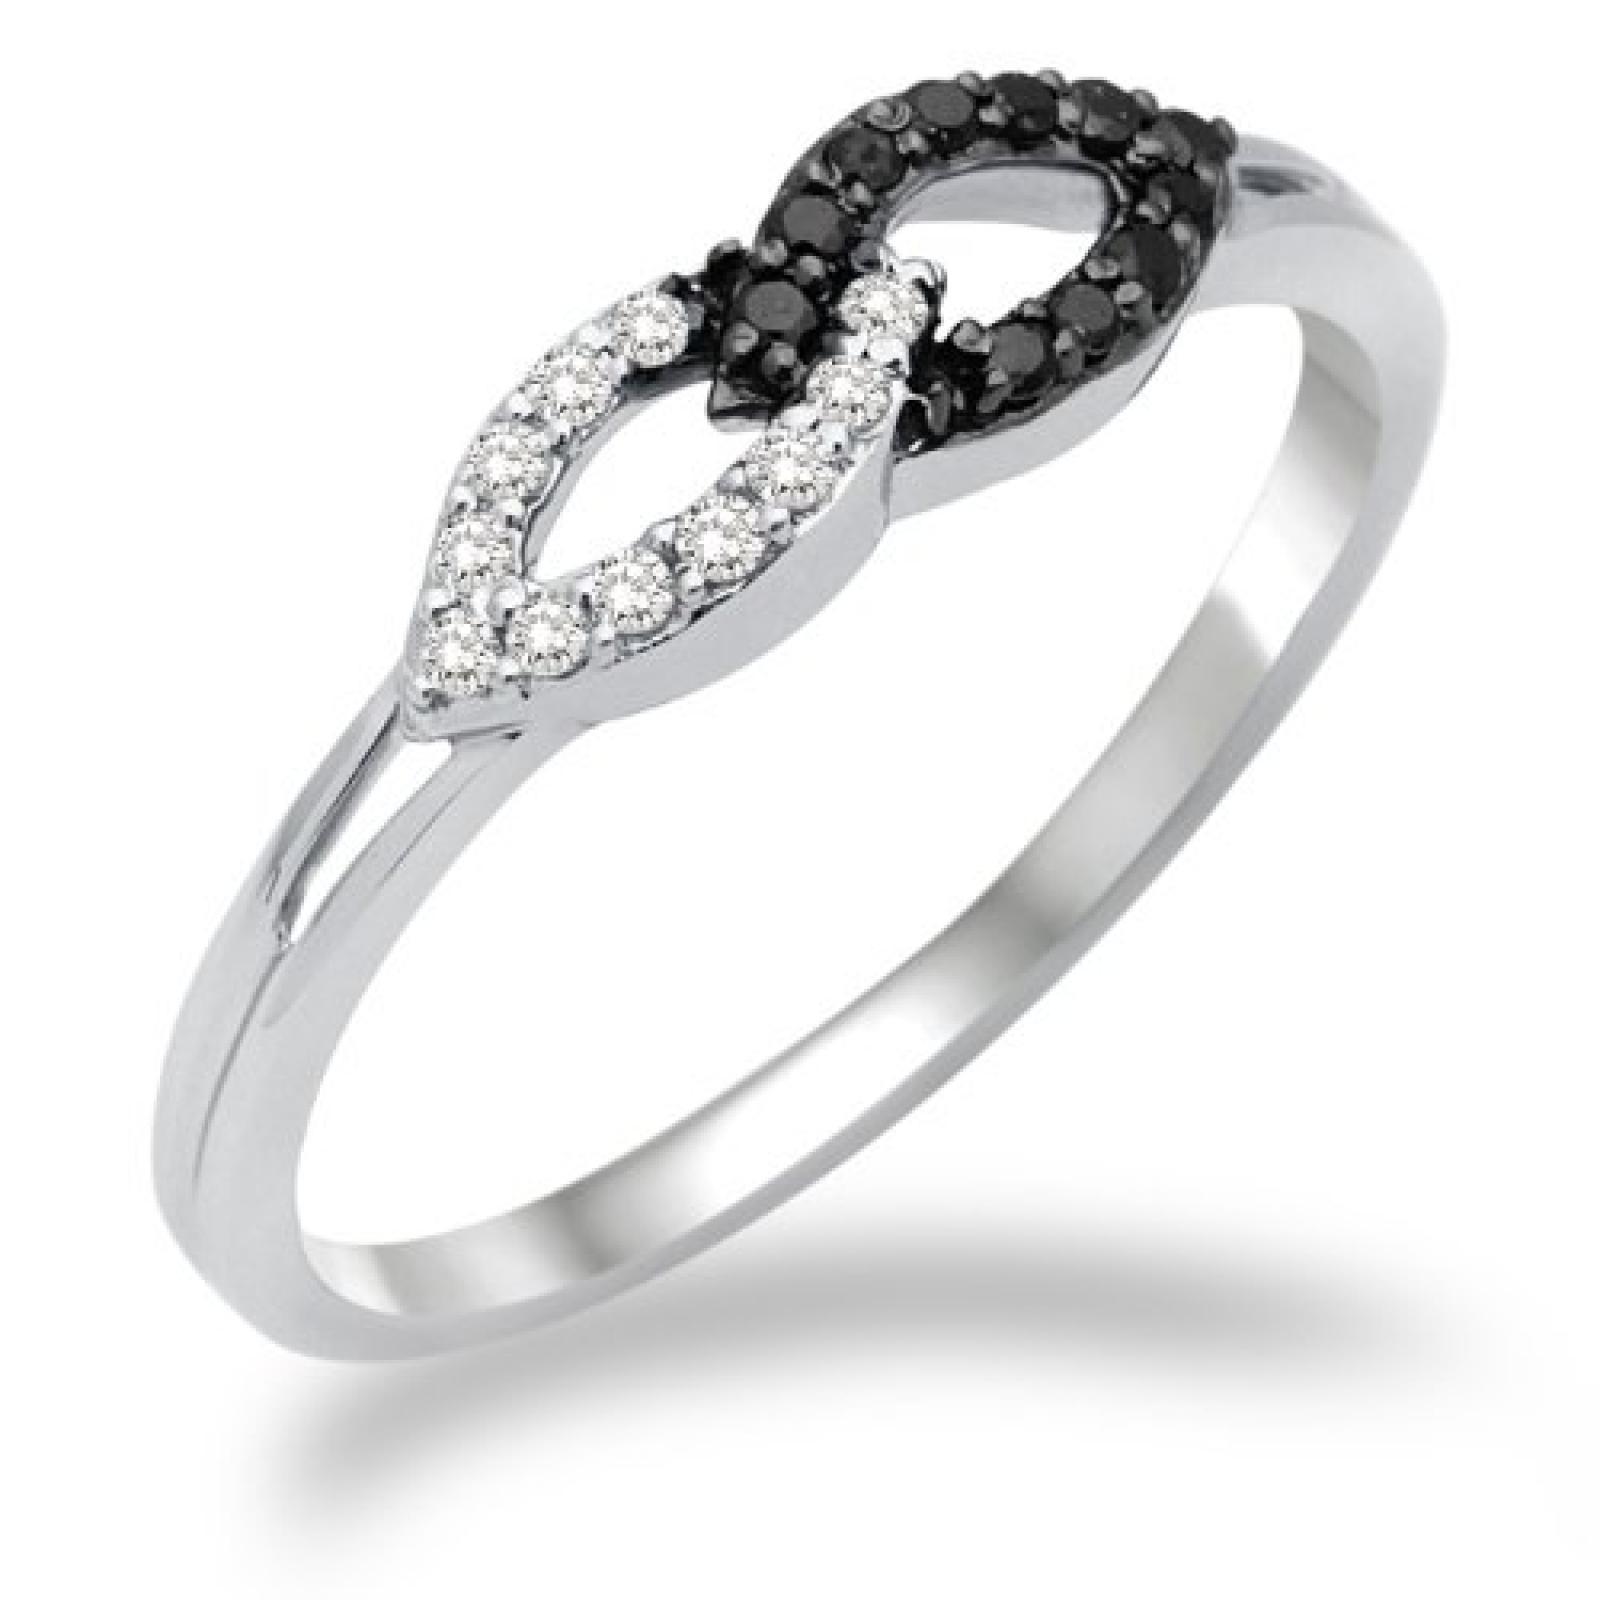 Miore Damen-Ring 750 Weißgold mit weiß und Schwarzen Brillanten MF8016RM